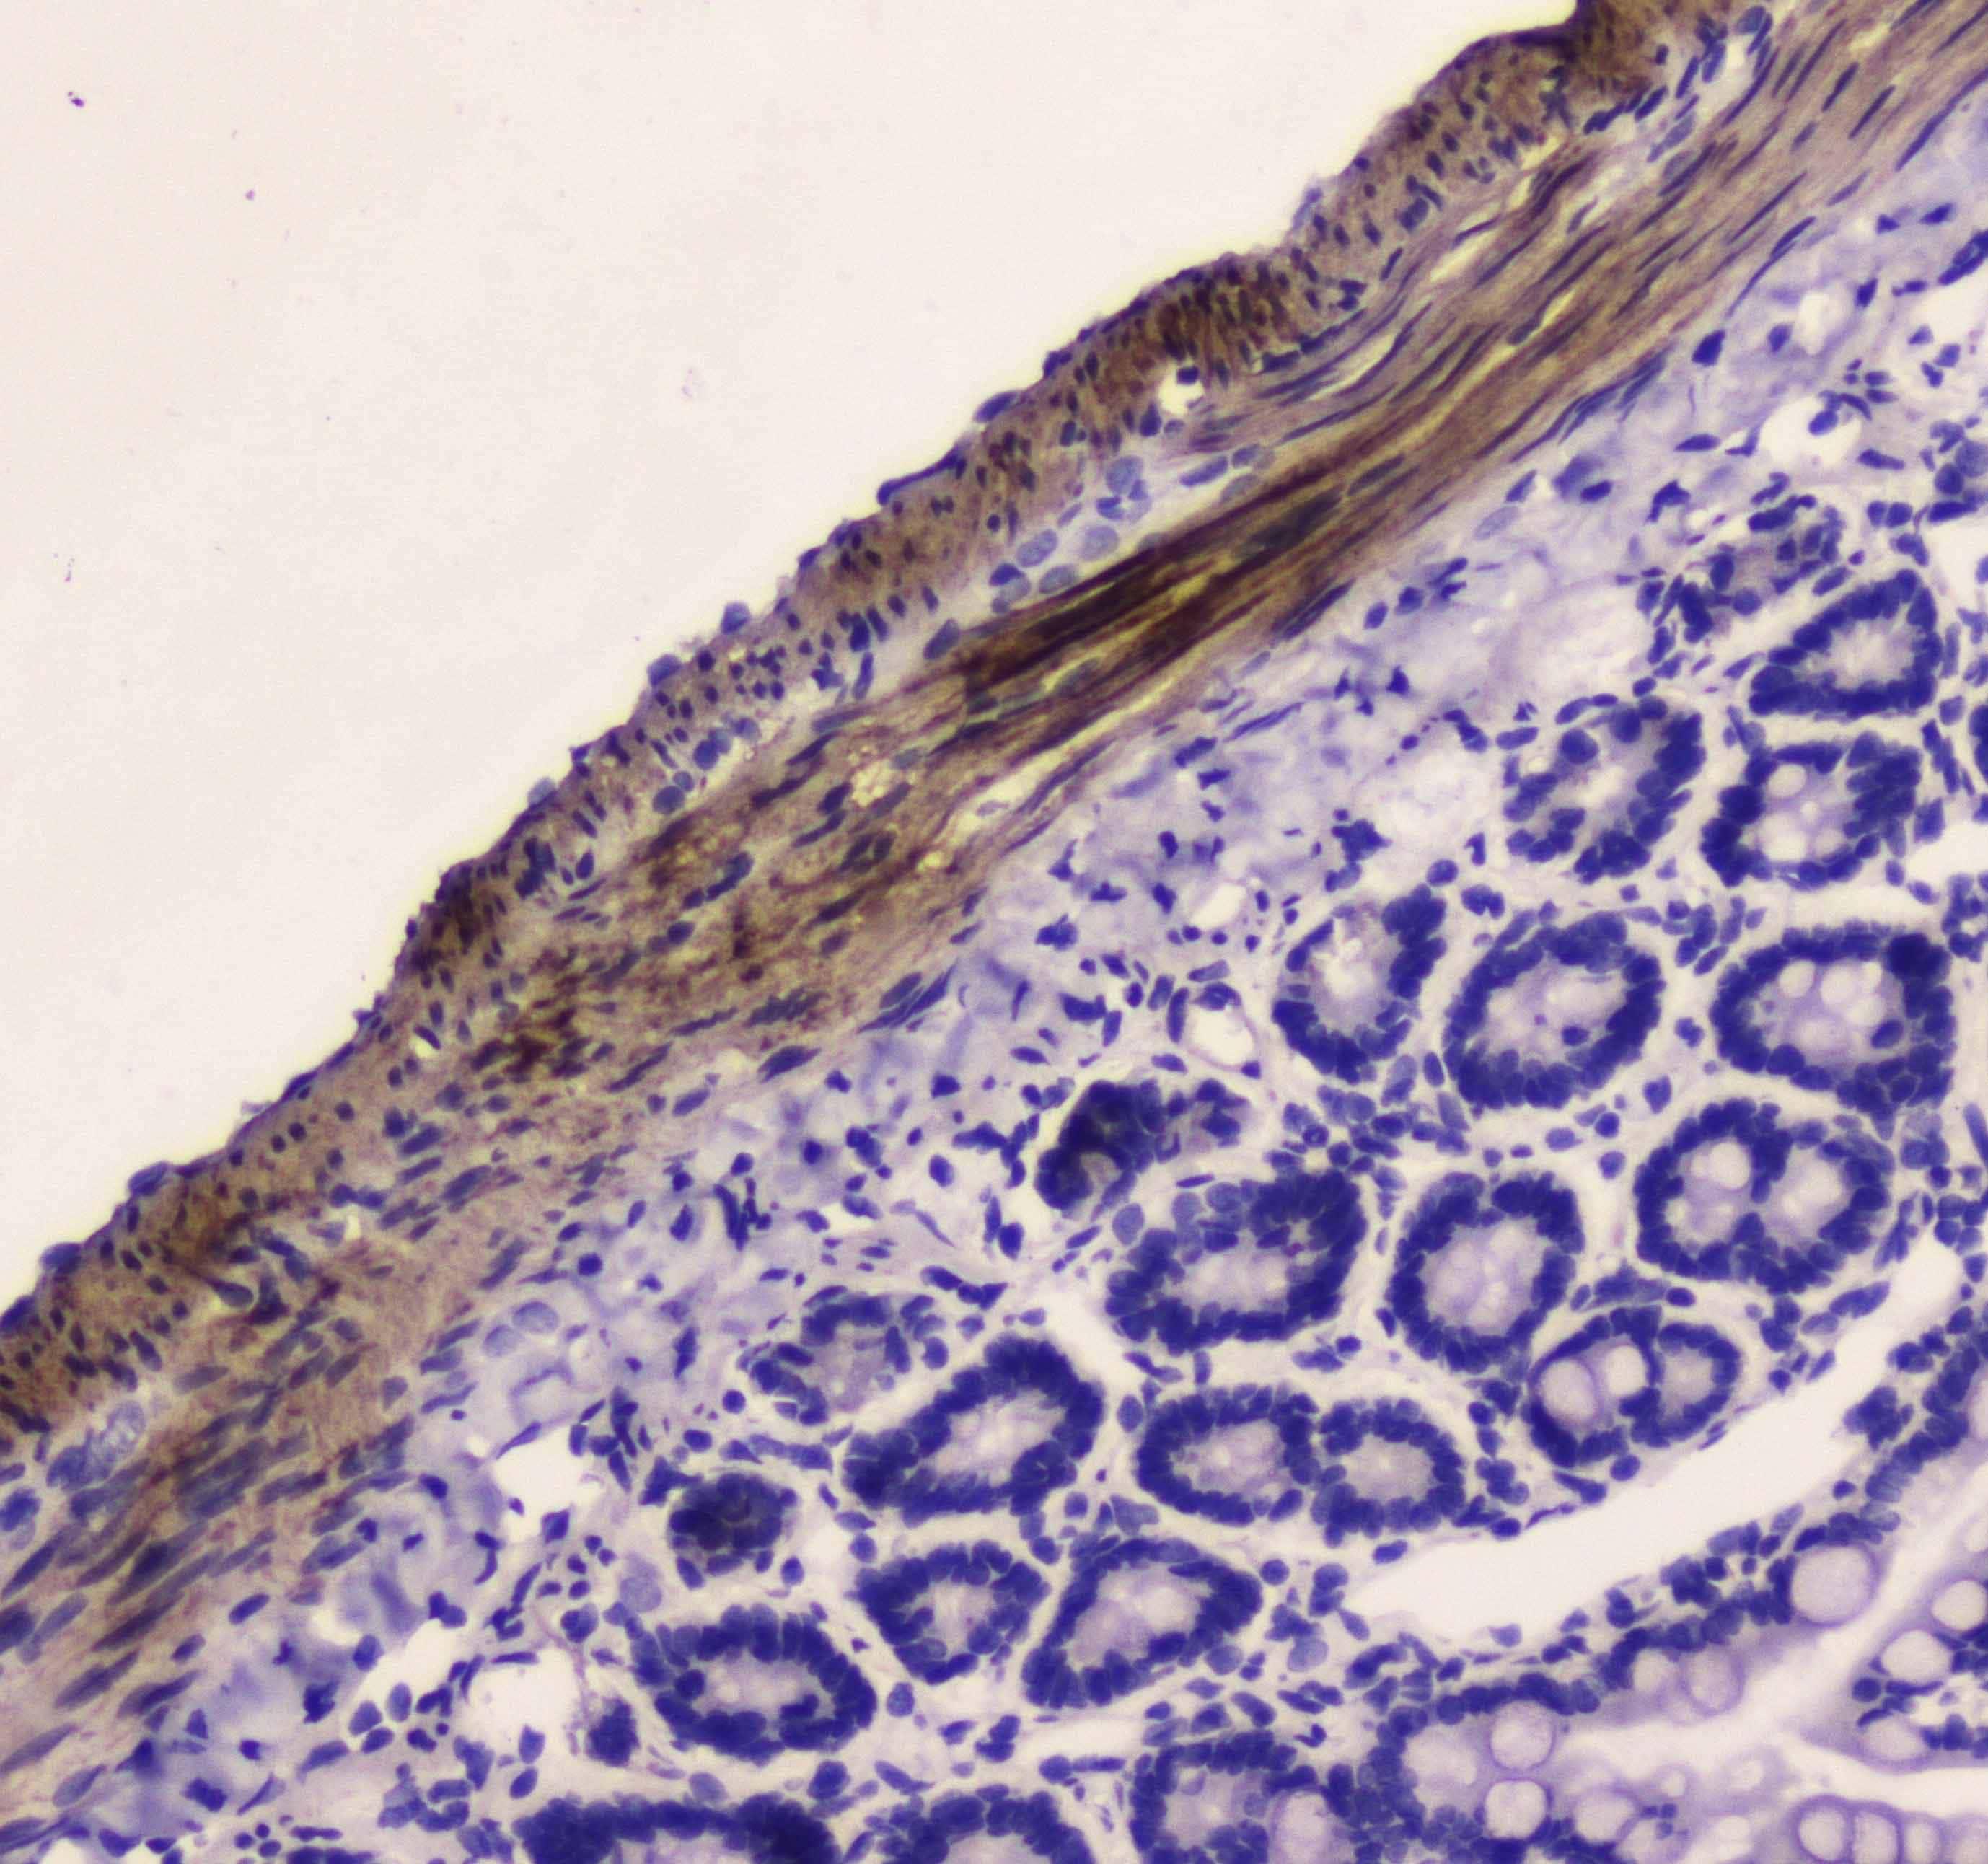 MYLK Antibody in Immunohistochemistry (Paraffin) (IHC (P))